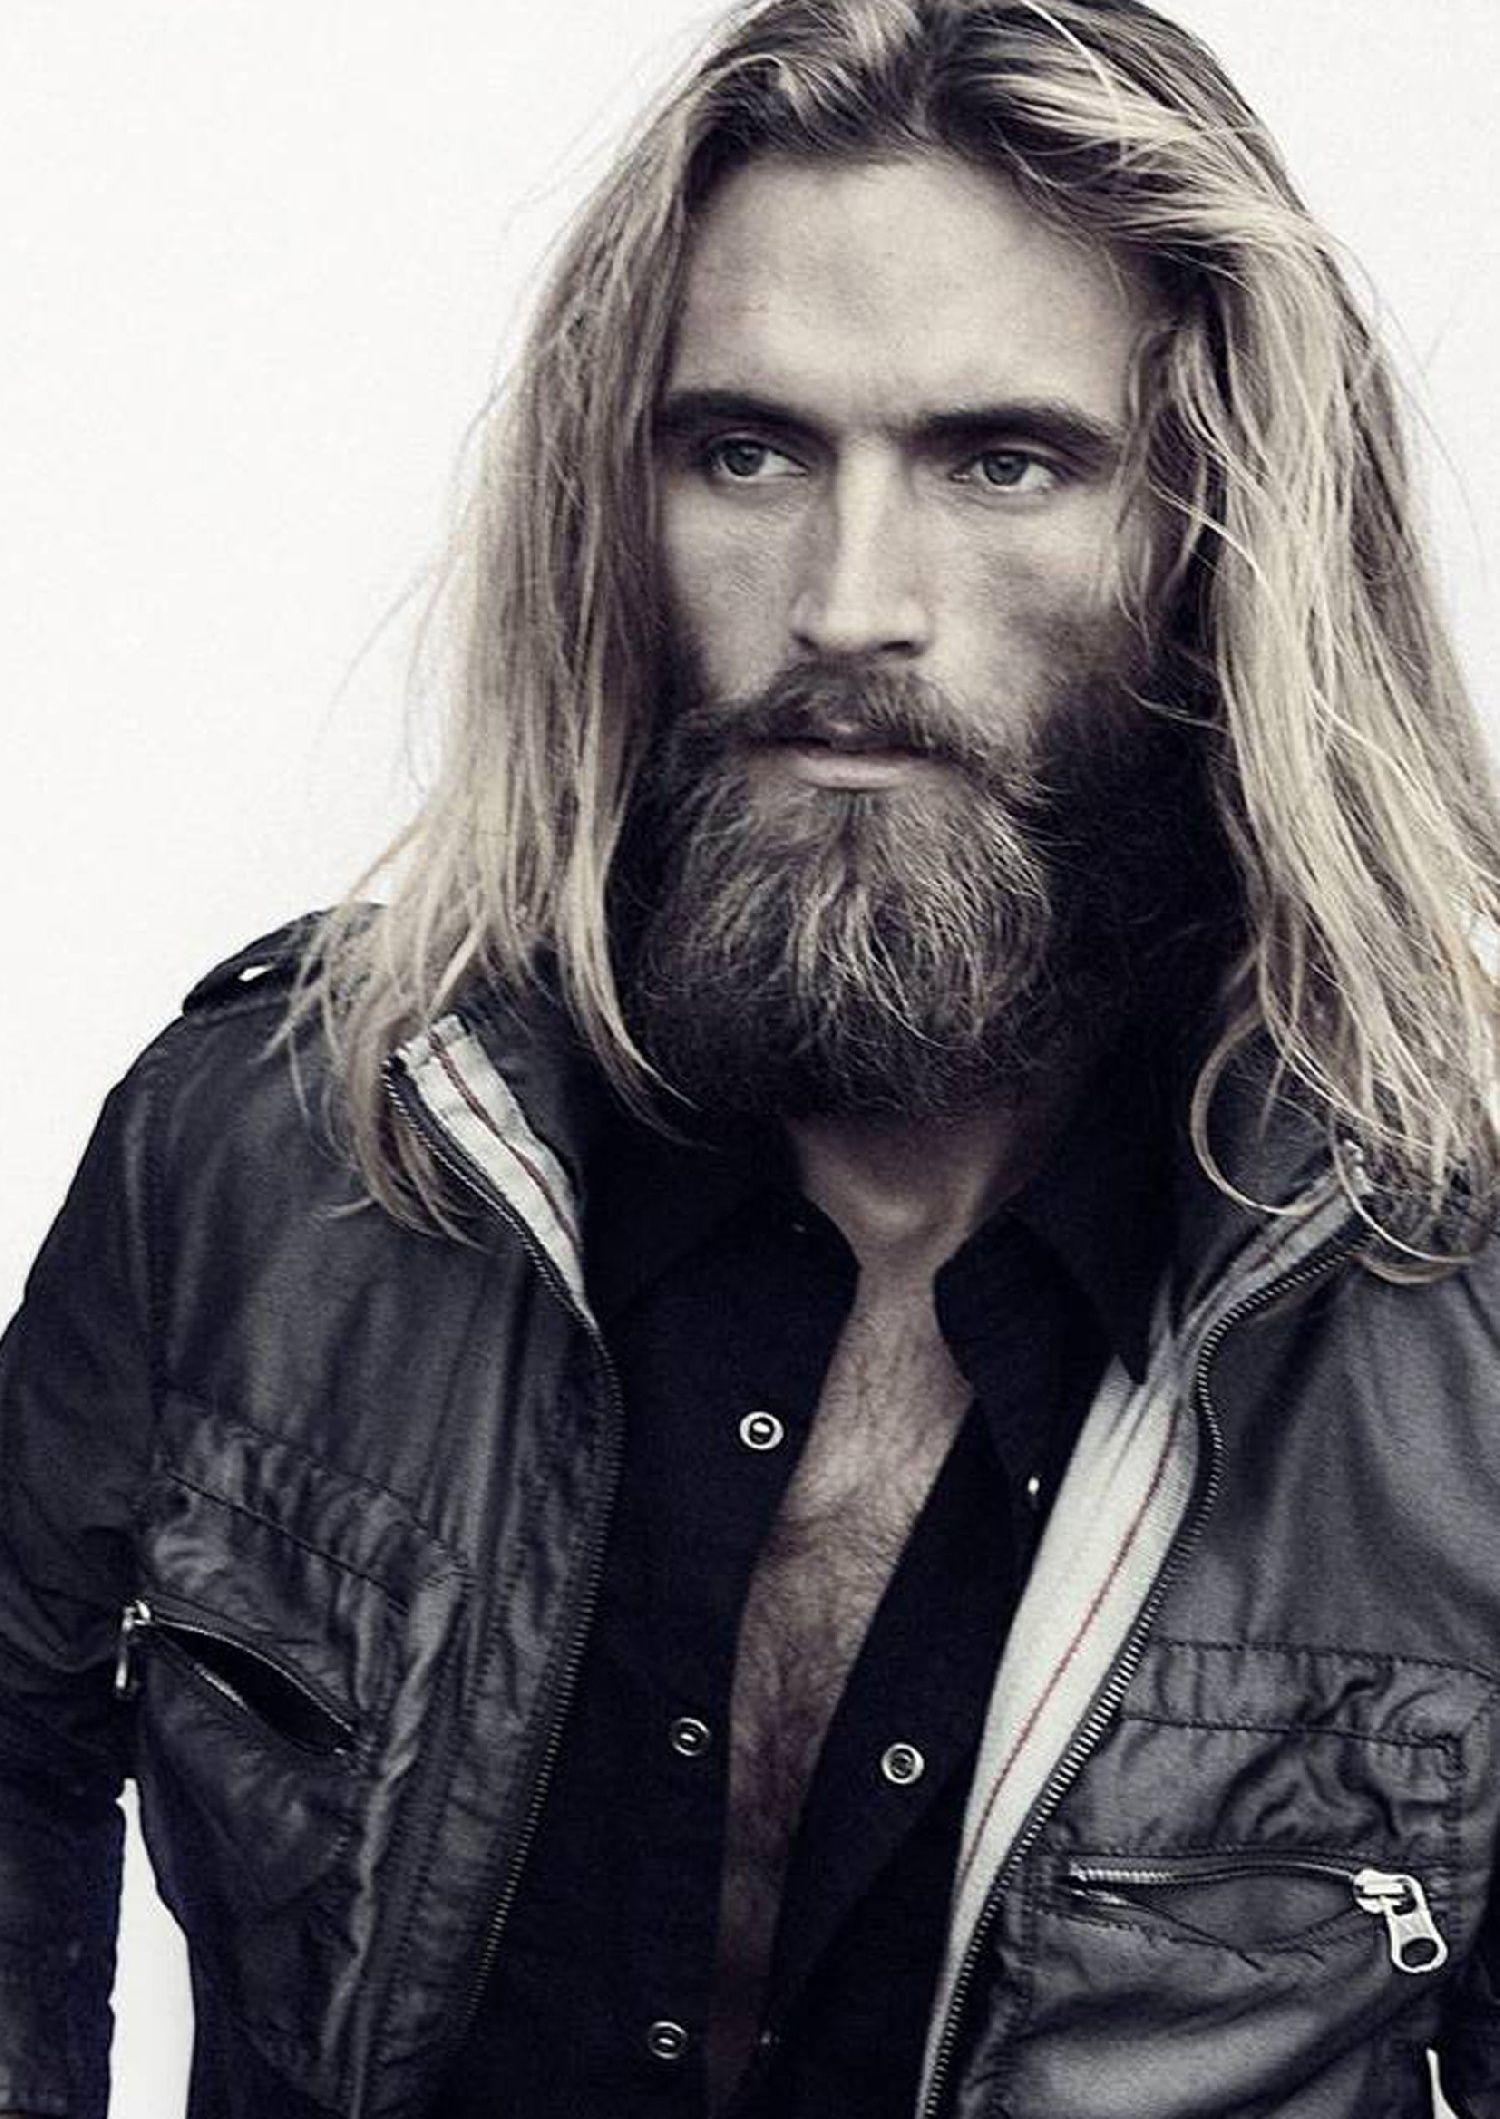 Platz Fur Manner Sedcard Long Hair Styles Men Long Hair Styles Handsome Bearded Men